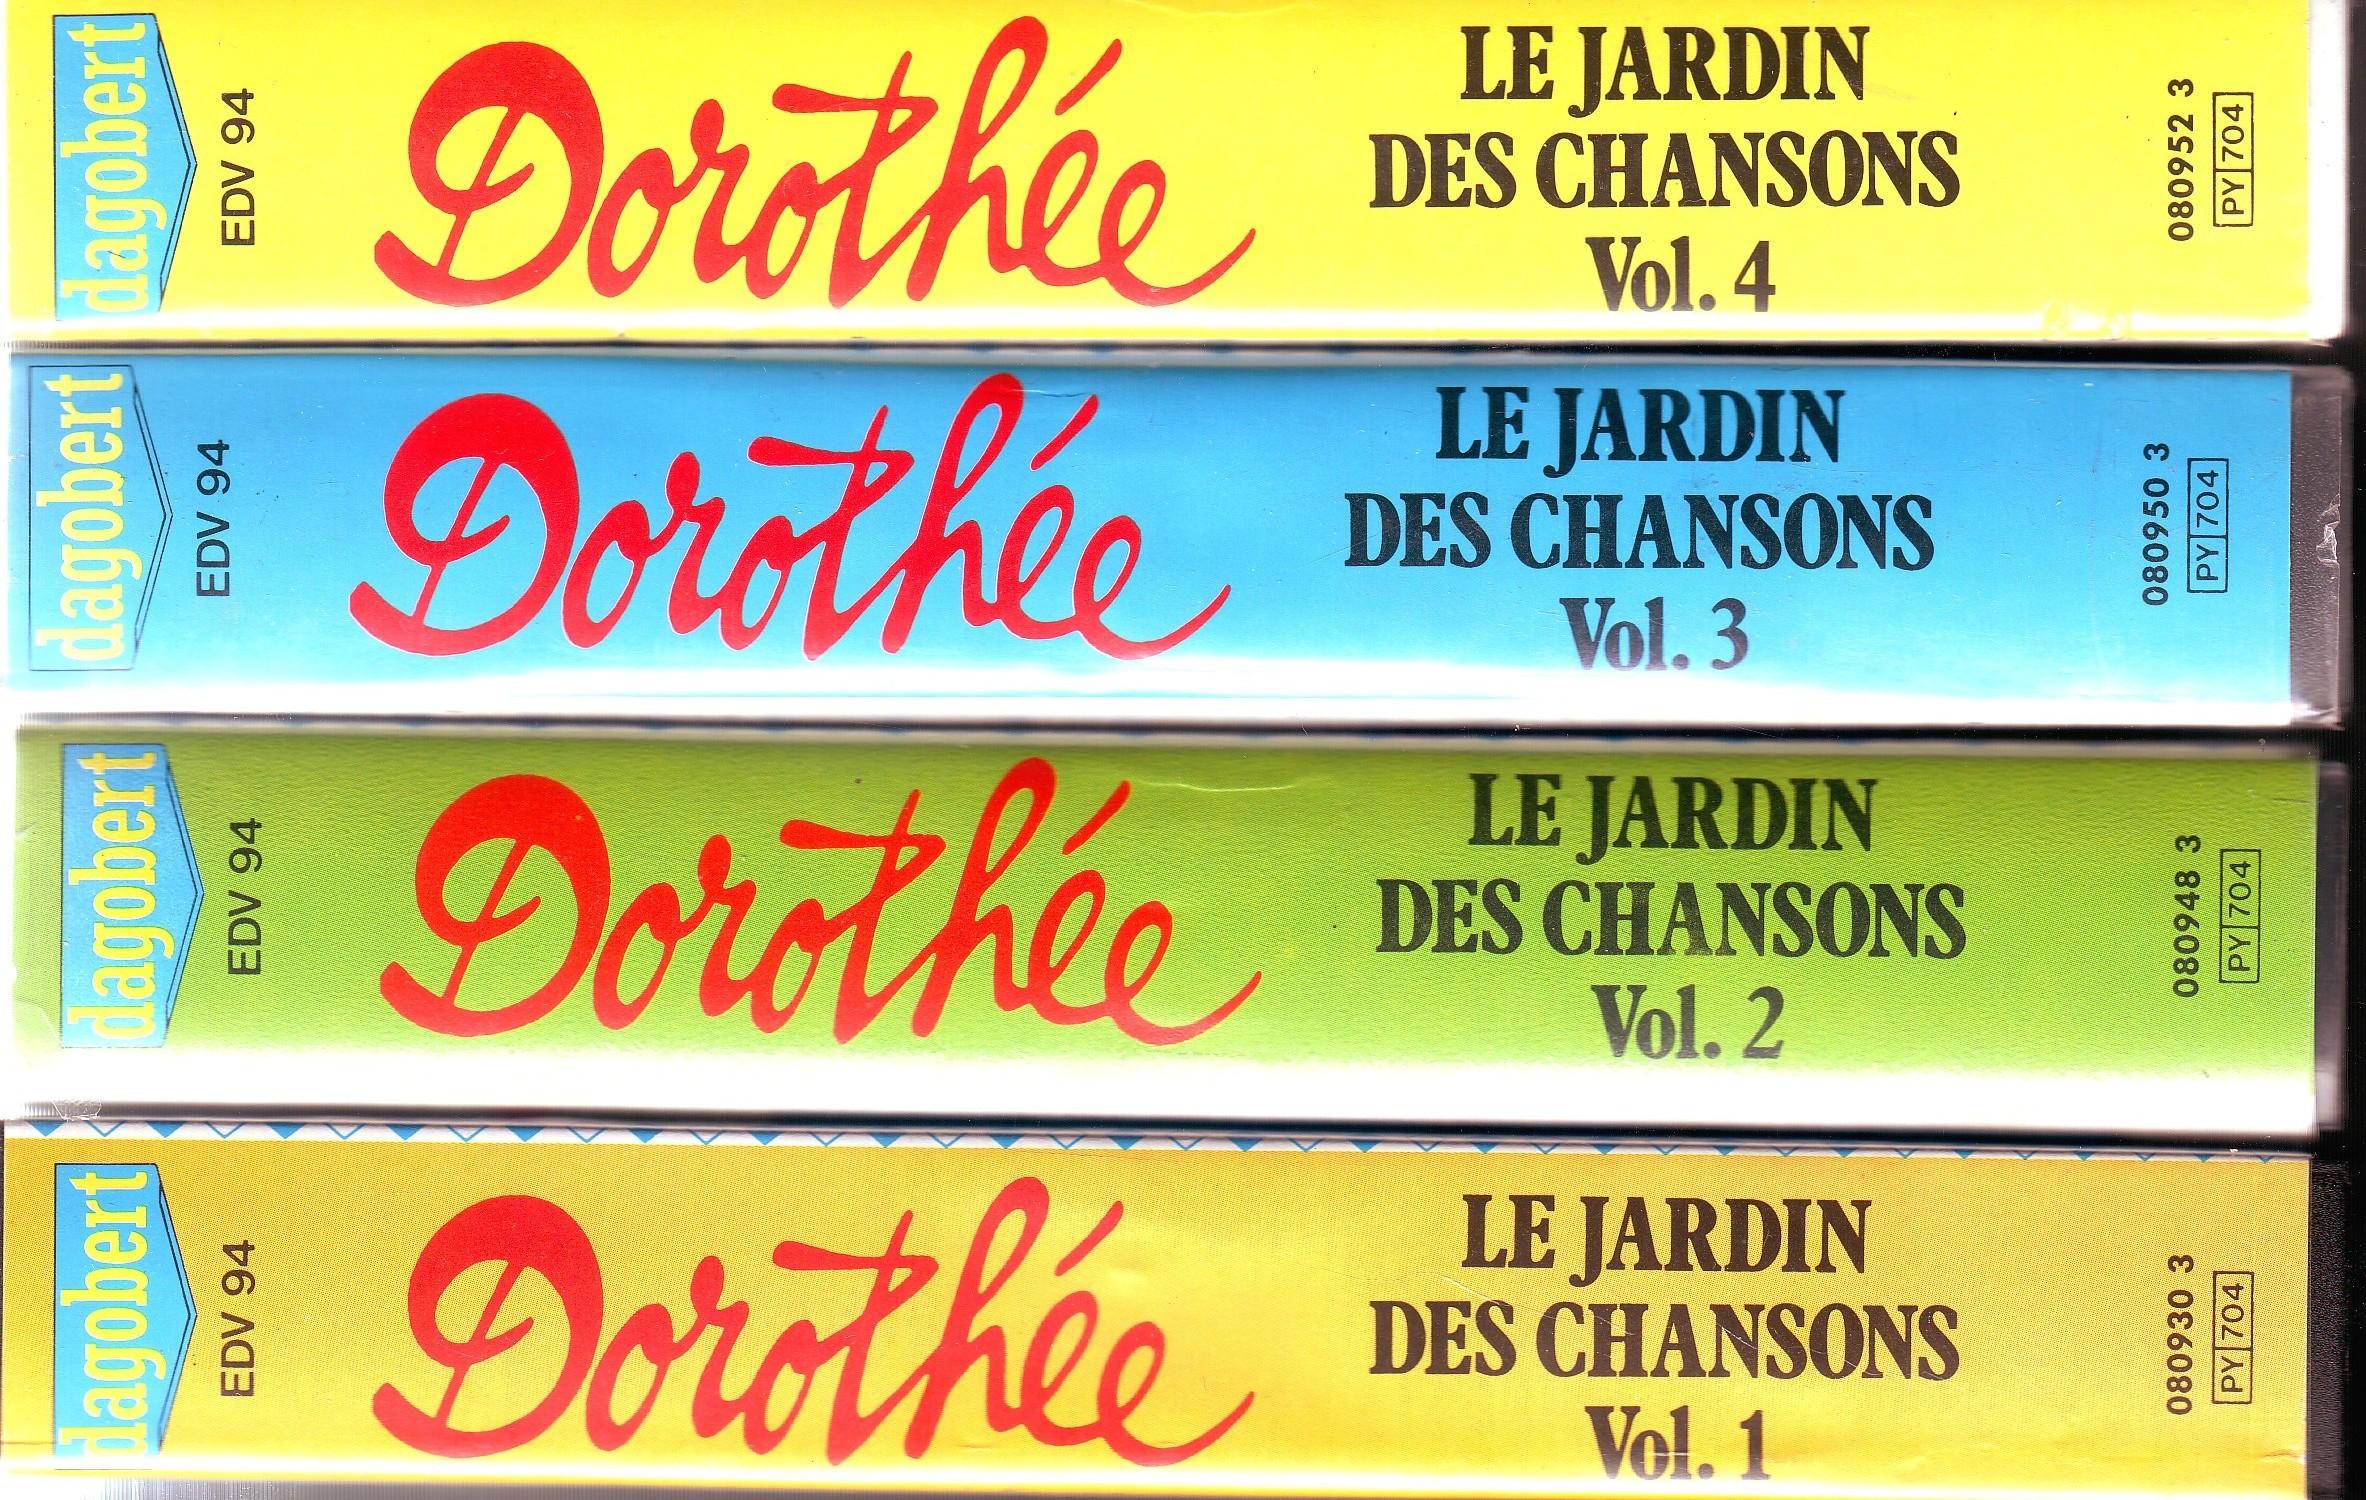 Dorothée et AB Productions (Récré A2 - Club Dorothée) Lejardindeschansons88